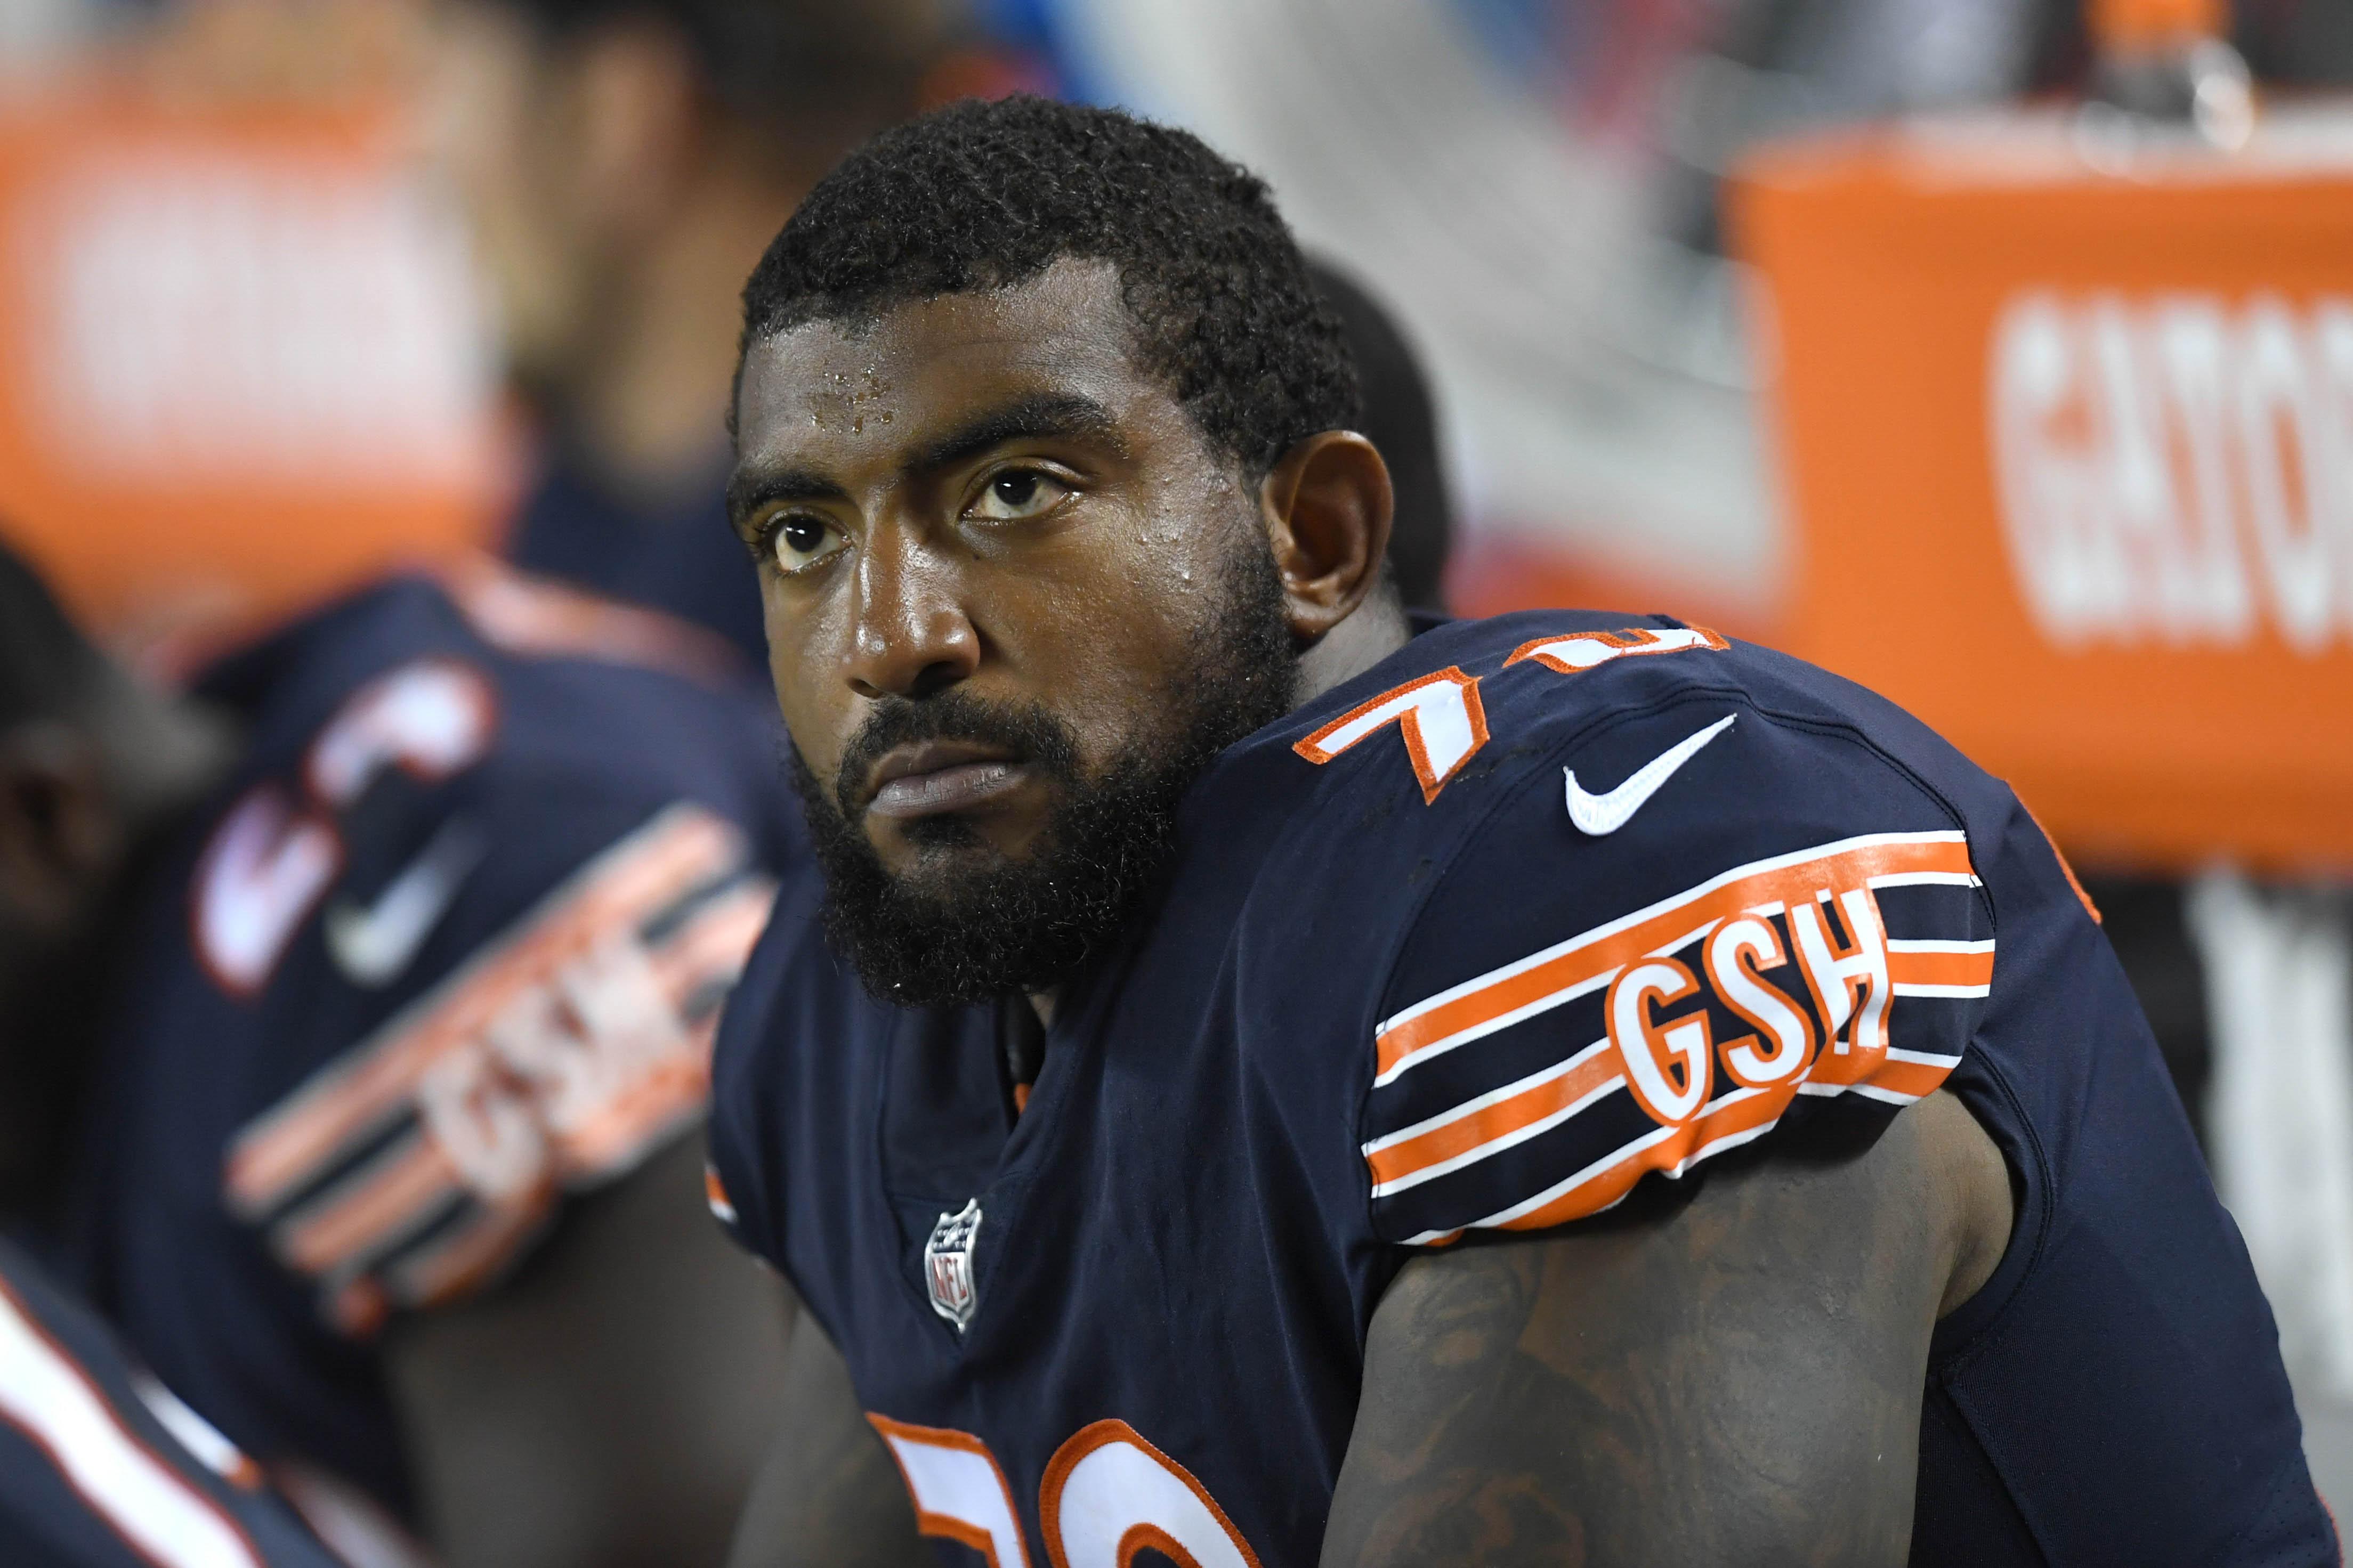 NFL: Minnesota Vikings at Chicago Bears